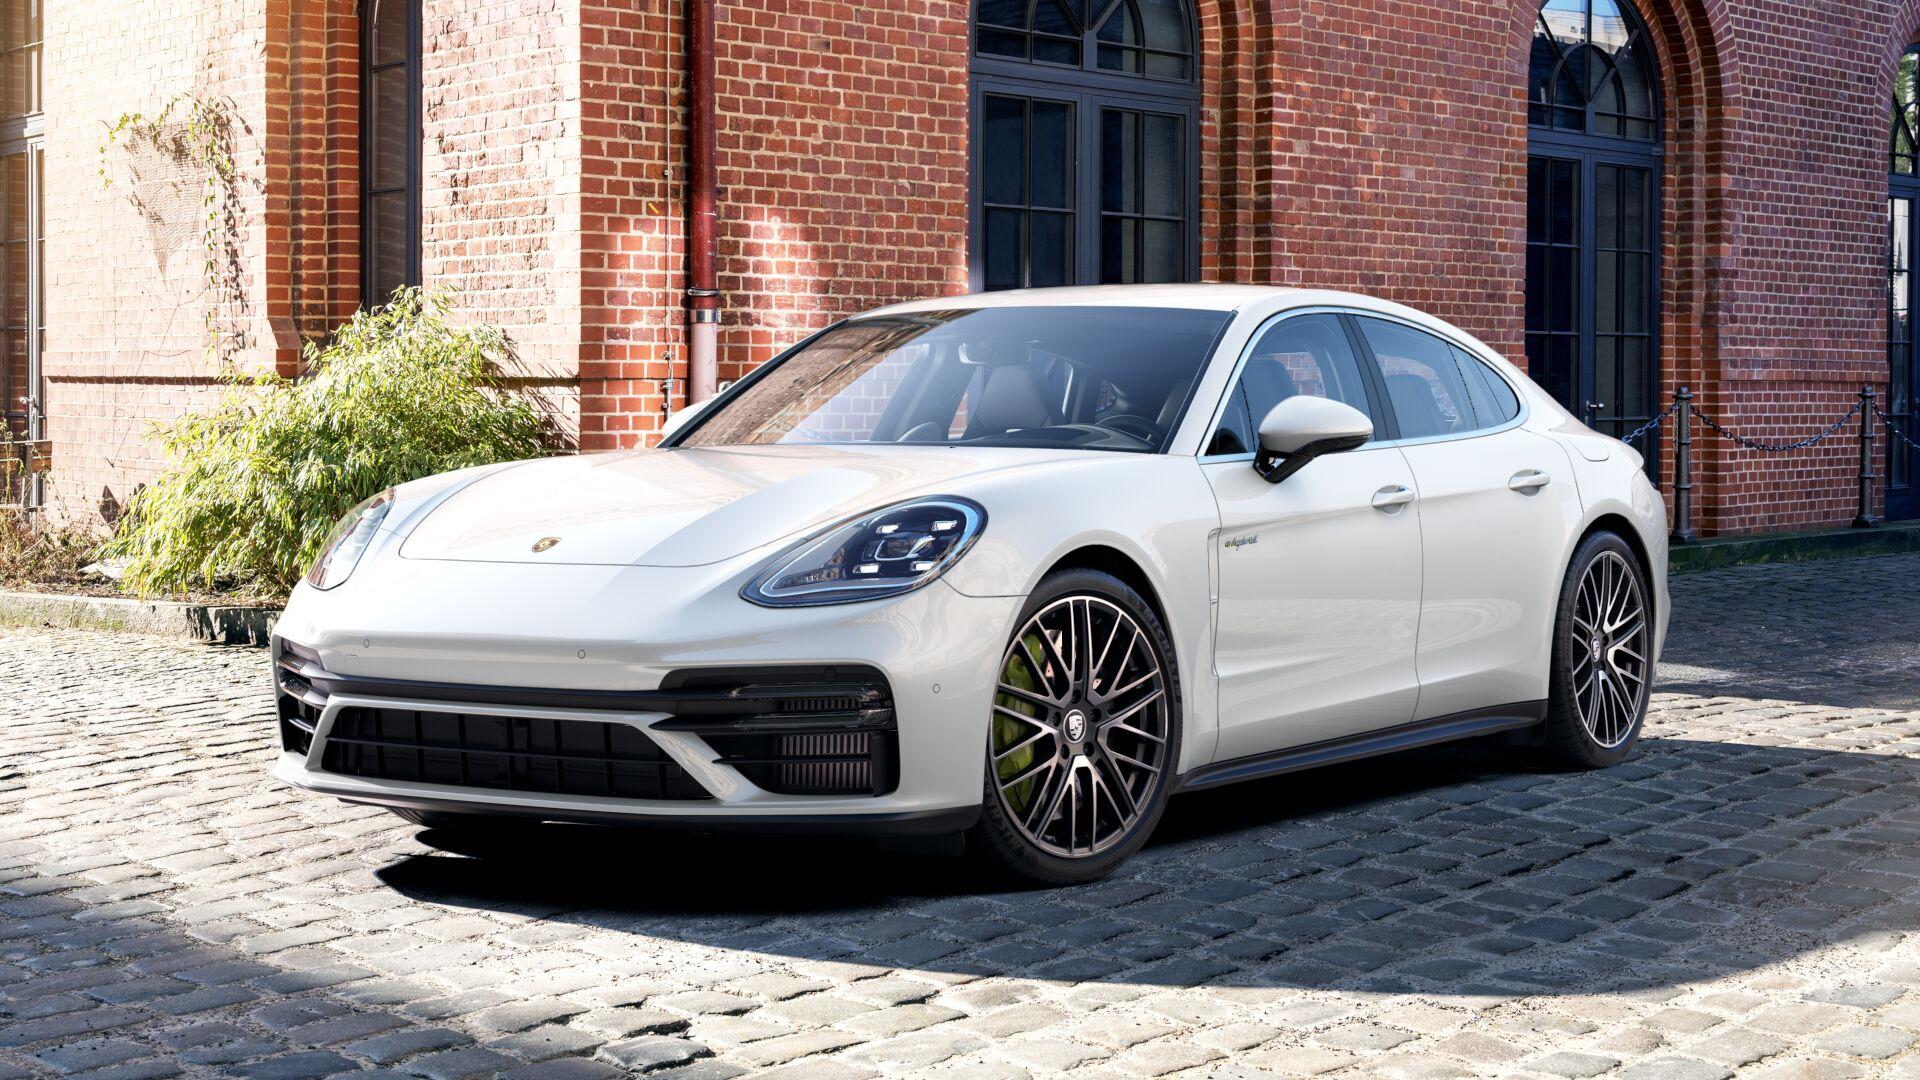 Porsche - Panamera Turbo S E-Hybrid -